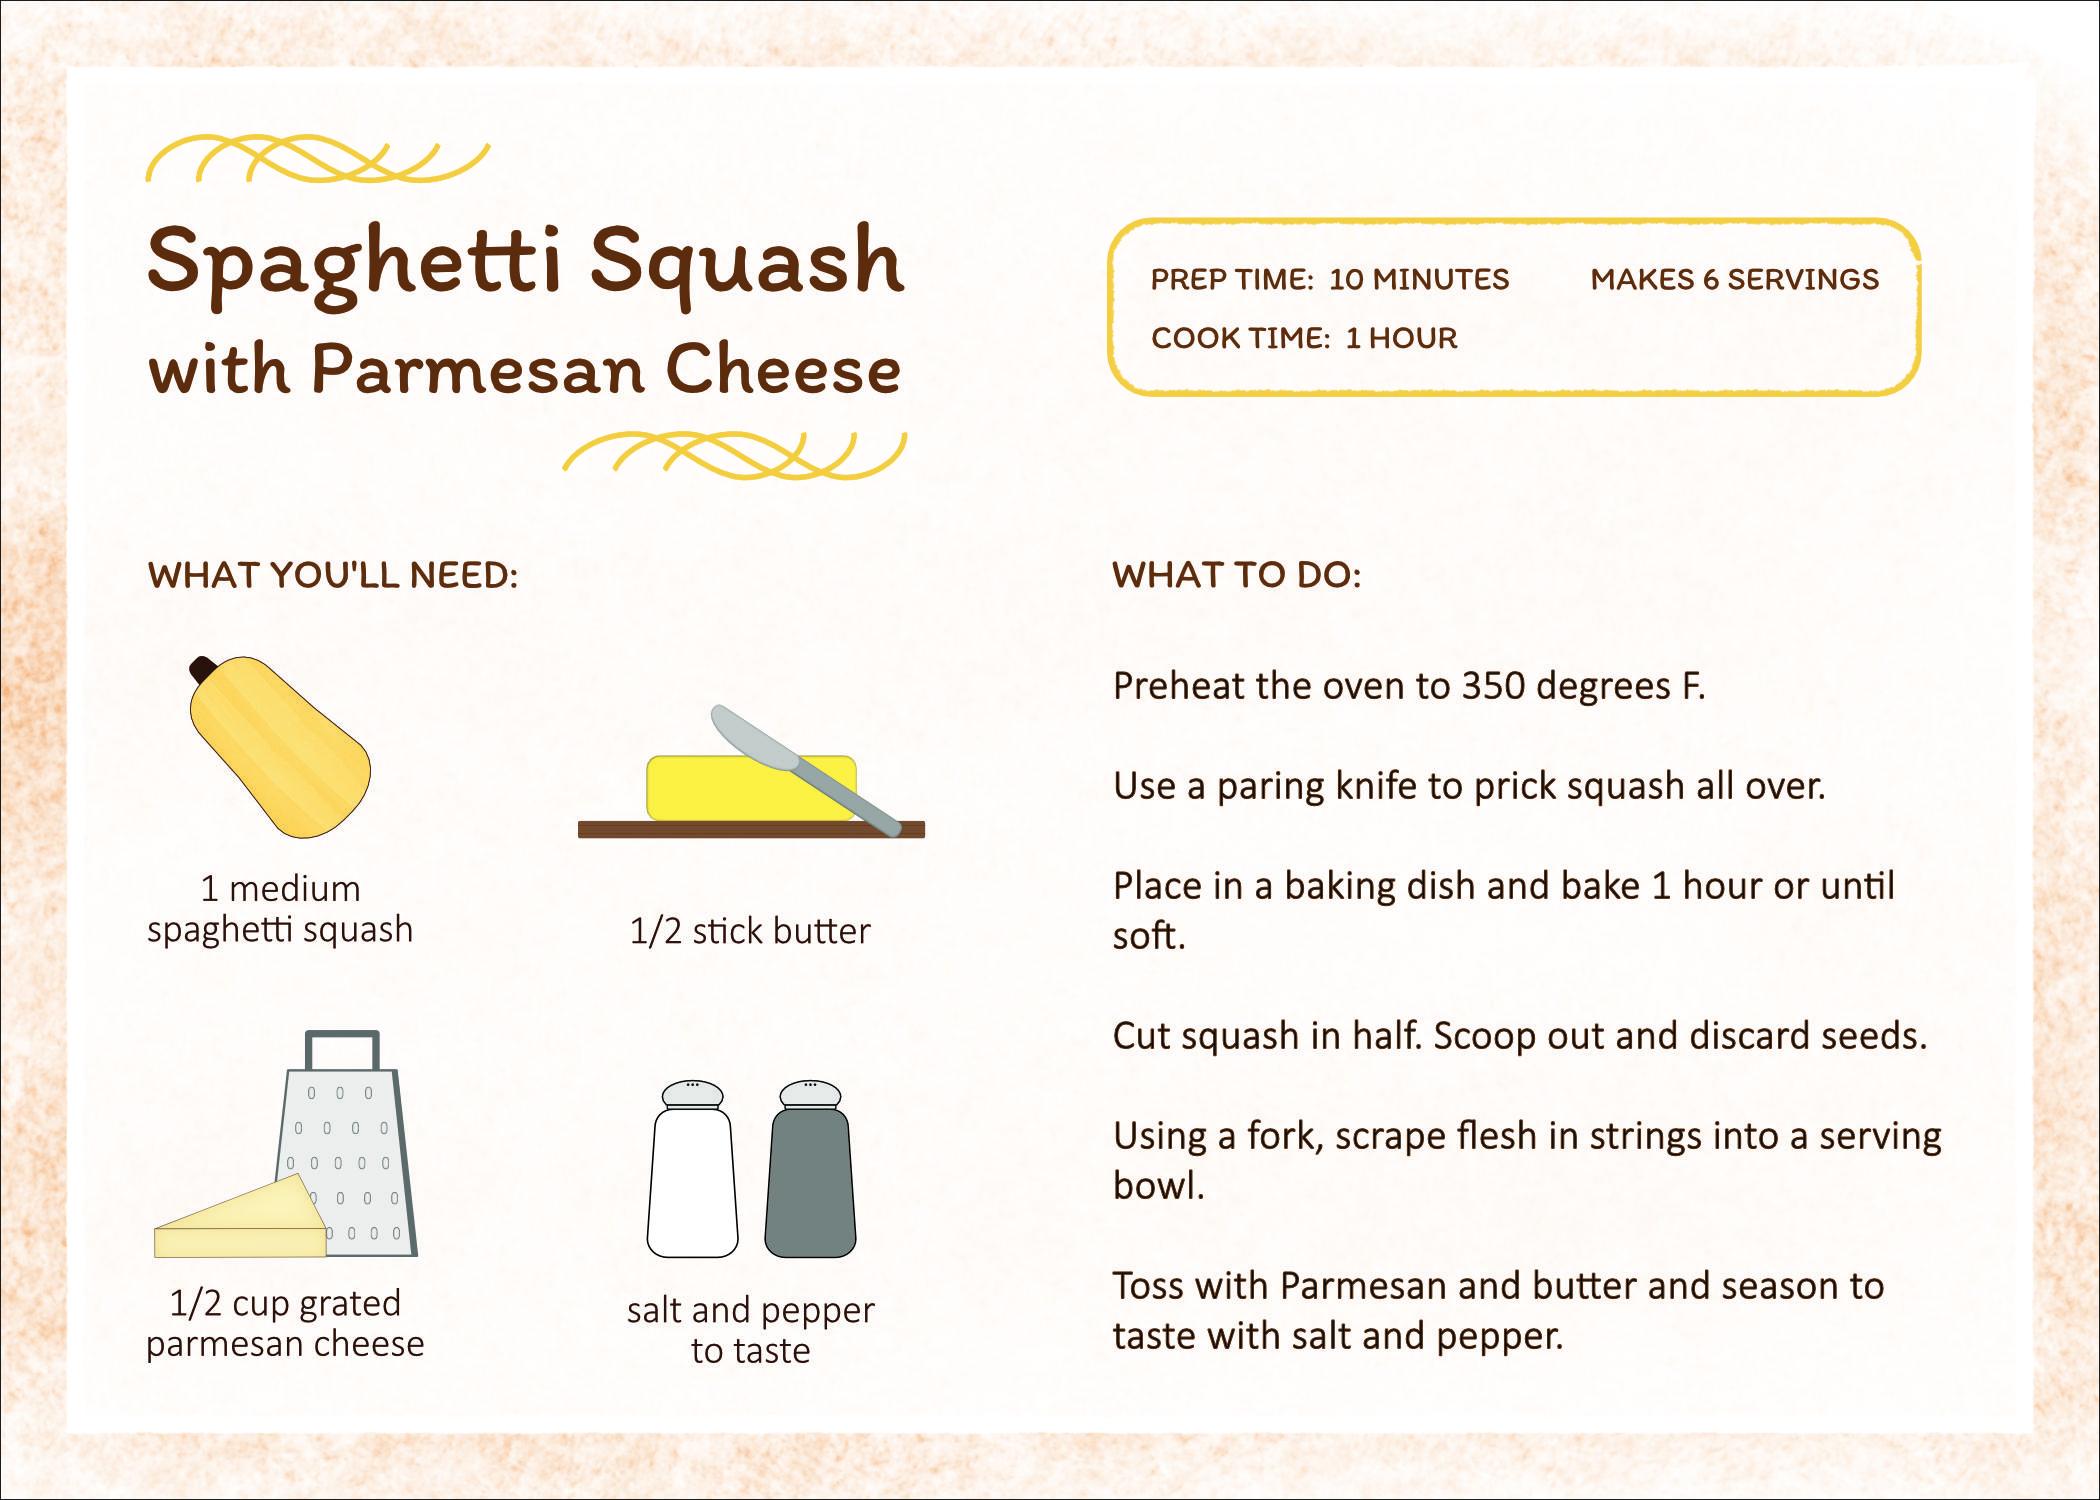 Spaghetti Squash Recipe Card and icon design